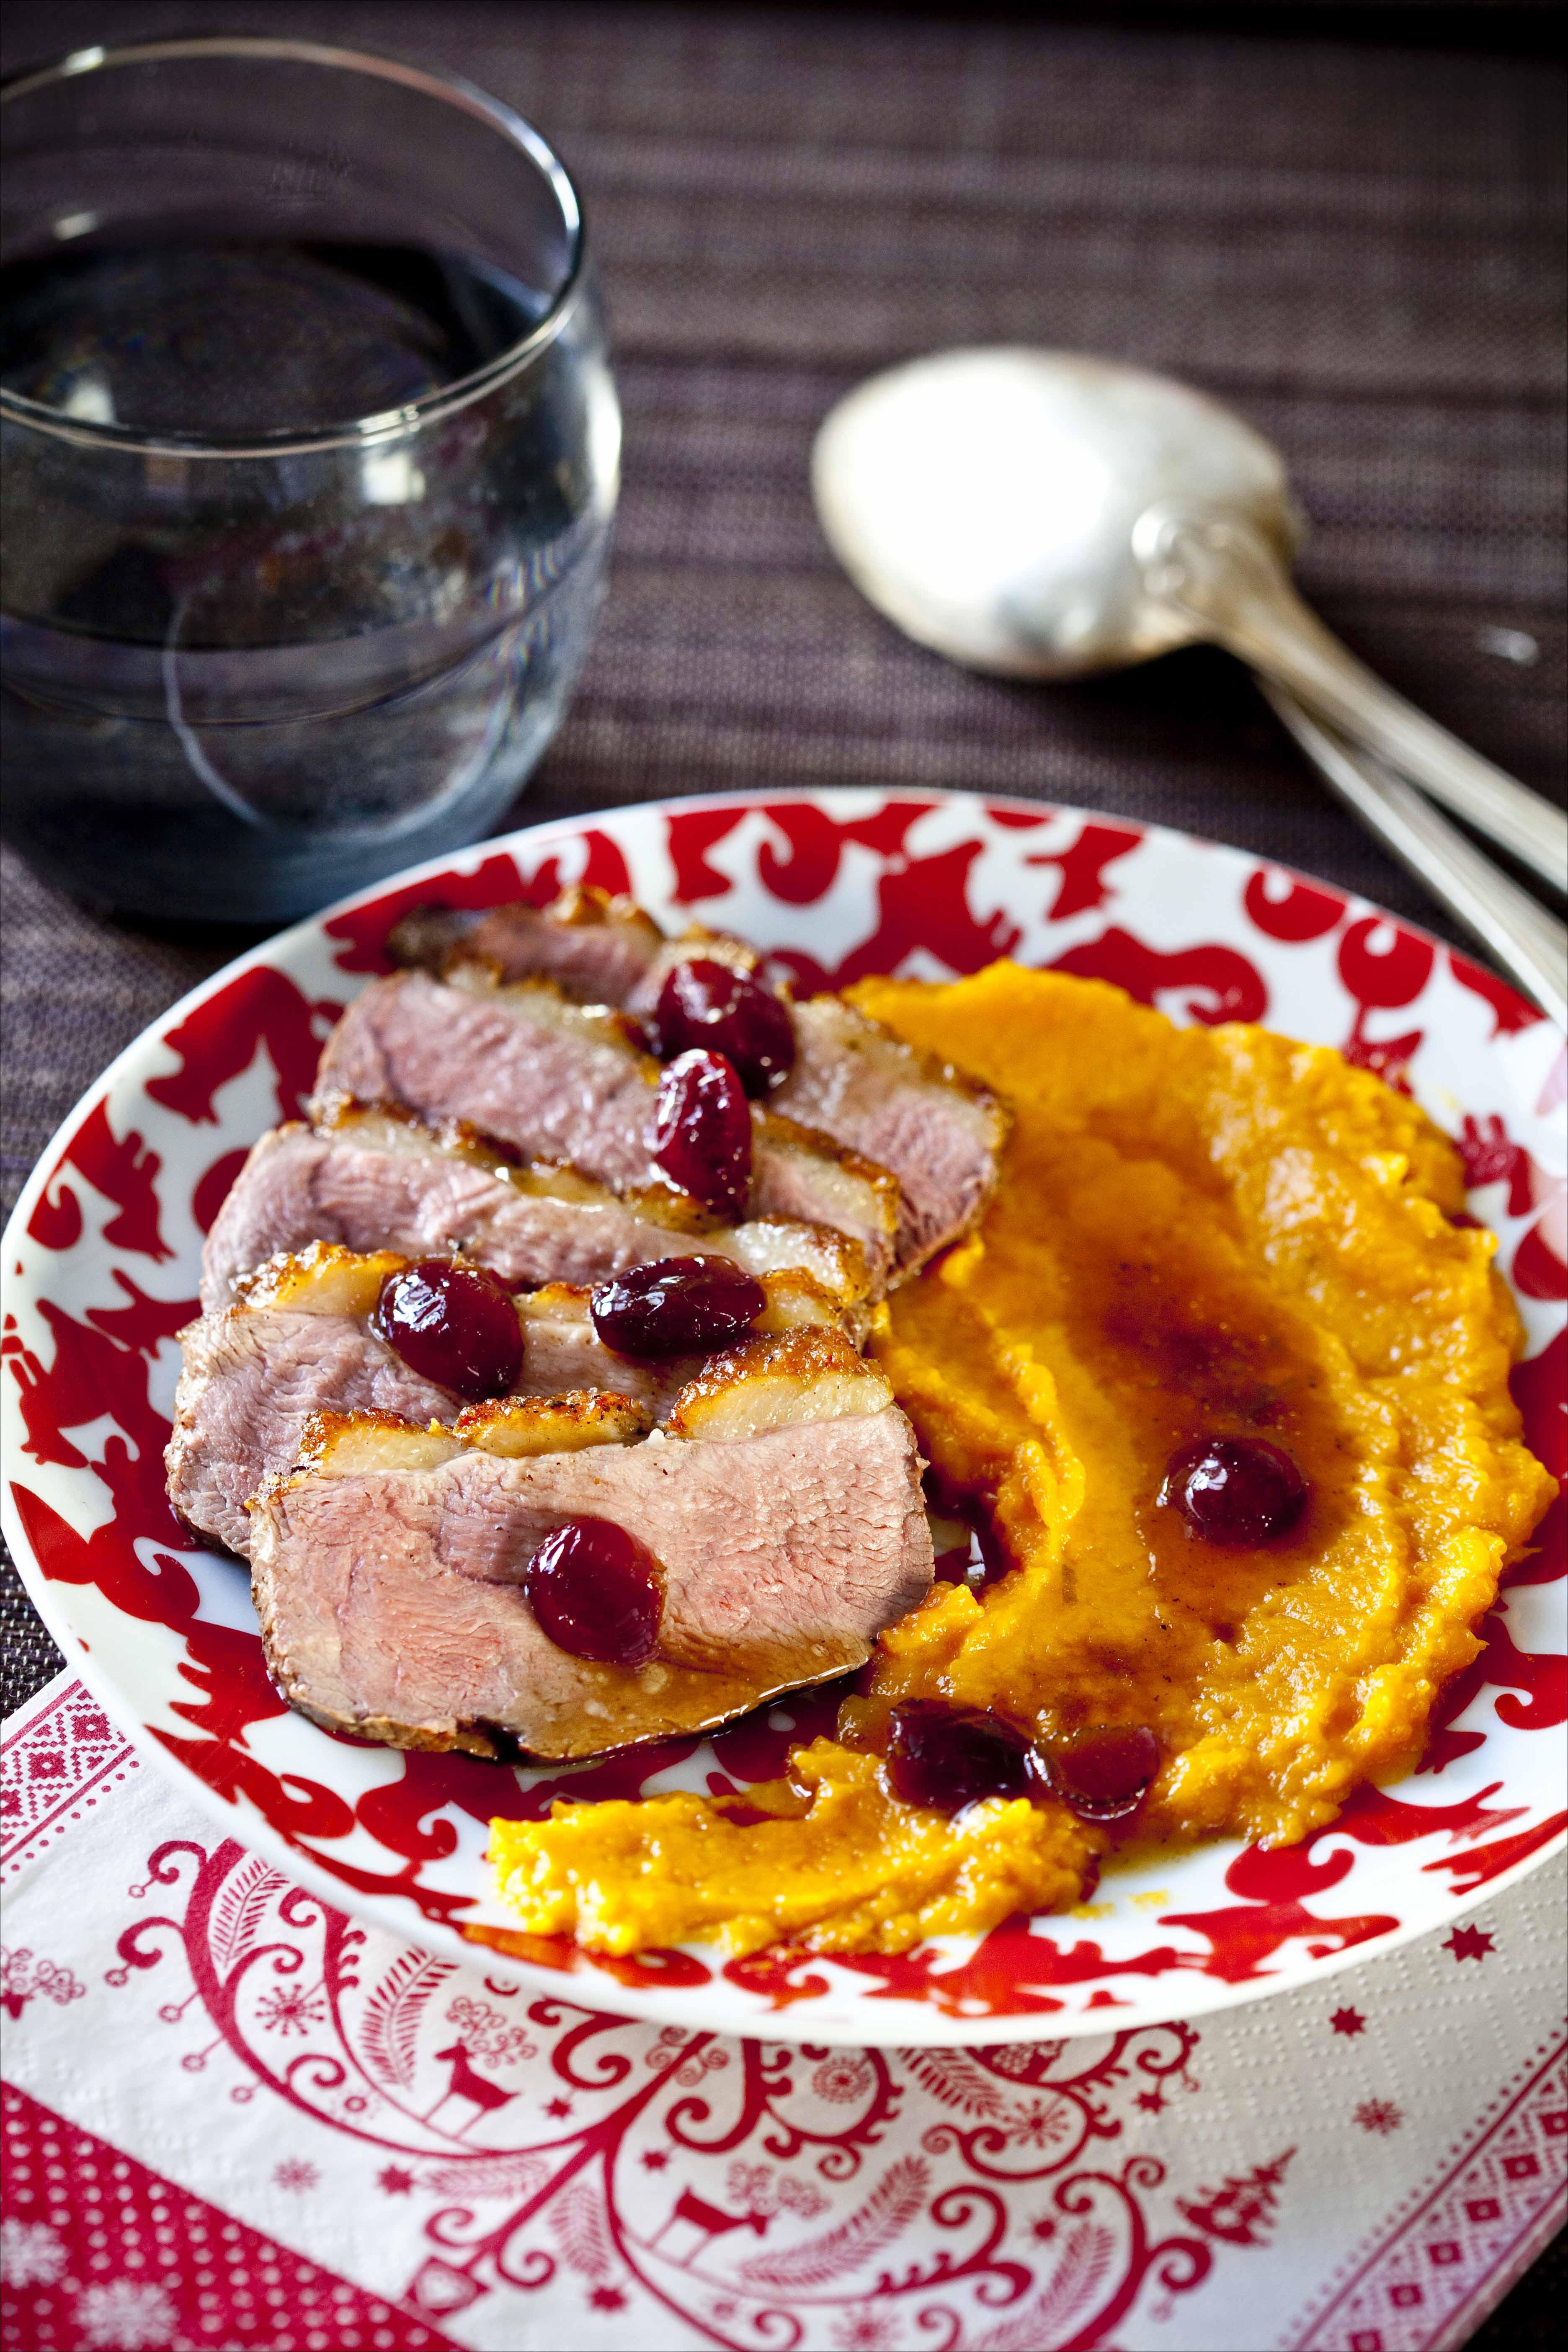 Ton d ner de no l magret de canard aux cranberries pur e de patates douces panier de saison - Magret de canard noel ...